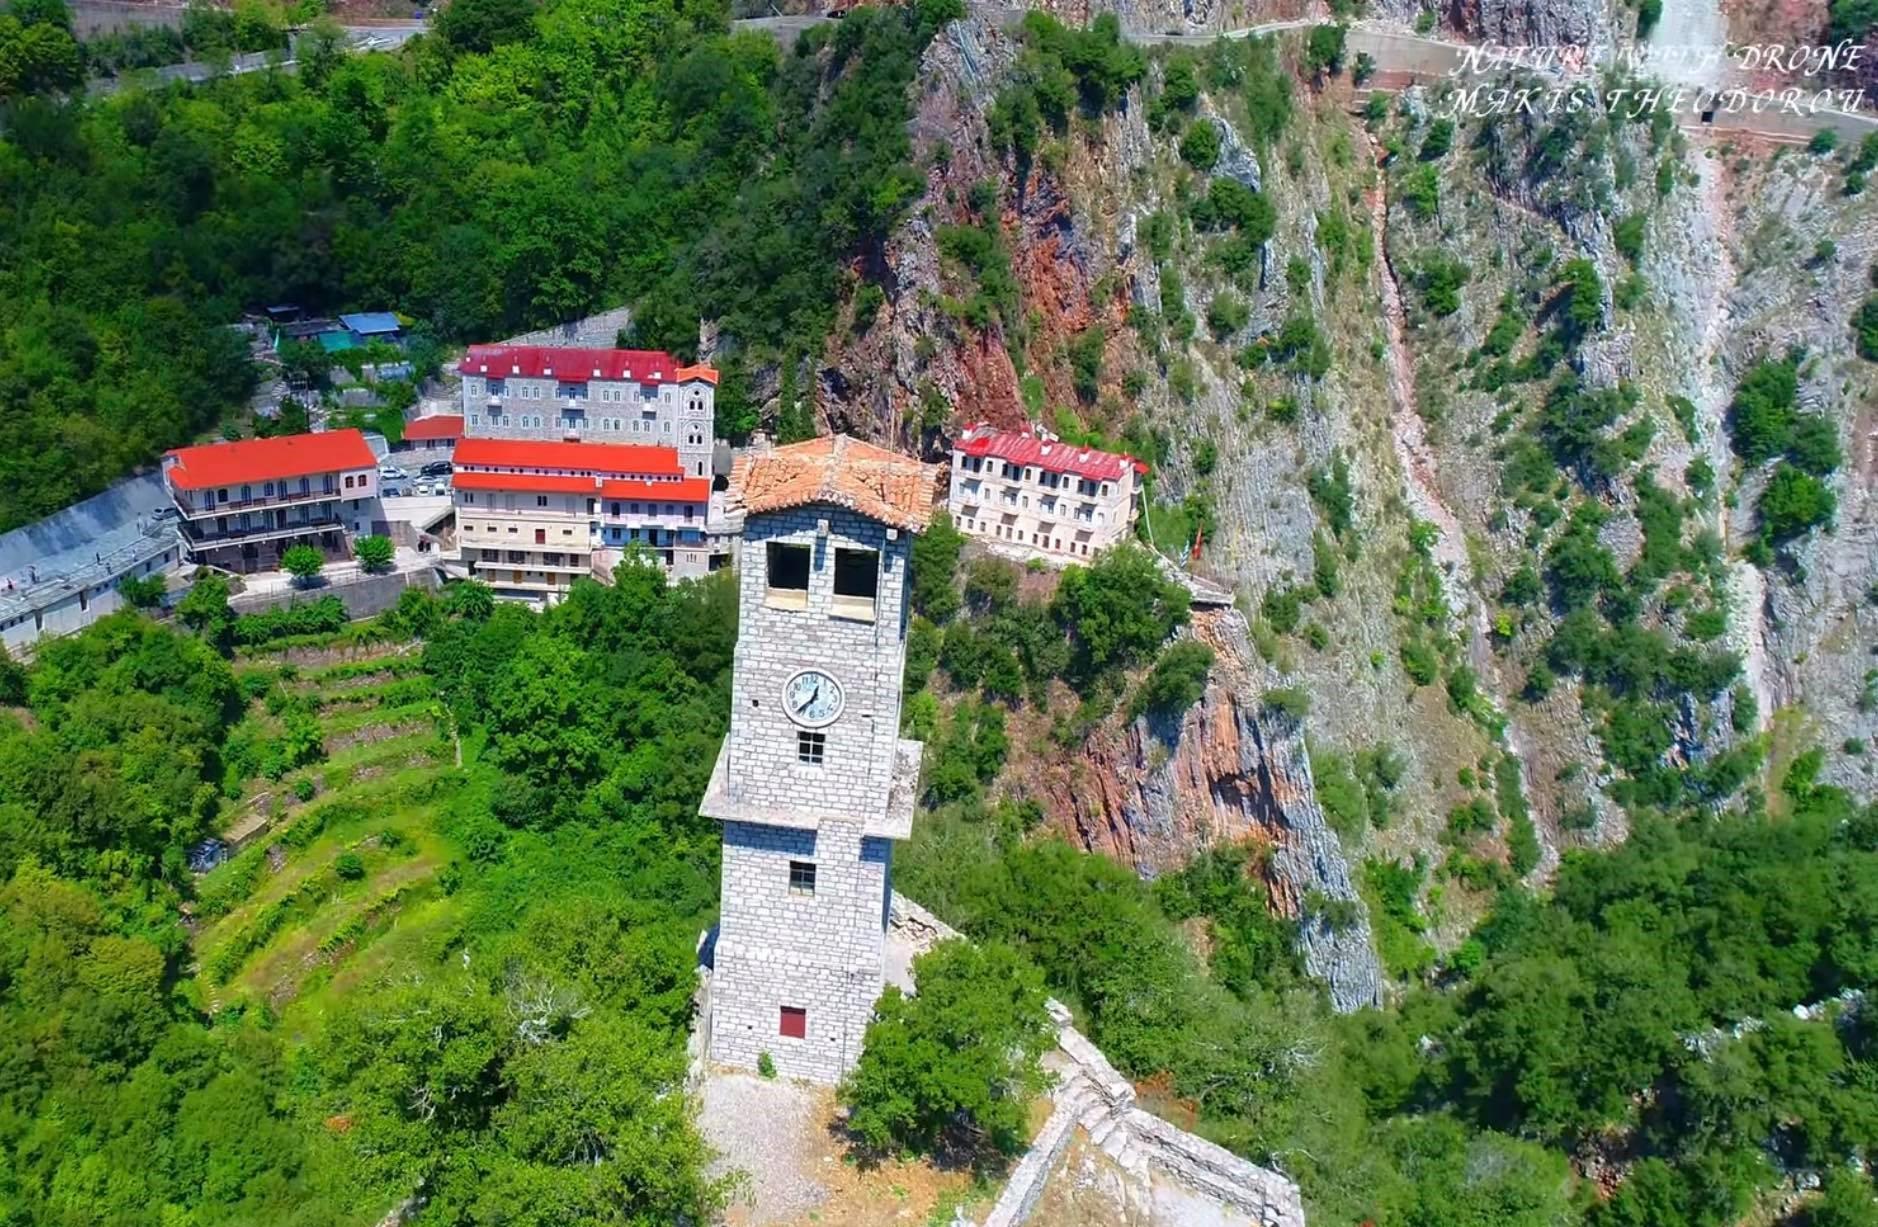 Μονή Προυσού. Το μοναστήρι της επανάστασης και της αντίστασης πήρε το όνομά του από ένα πυρσό. Εκεί σώζεται το σπαθί και το φέσι του Καραϊσκάκη (drone)